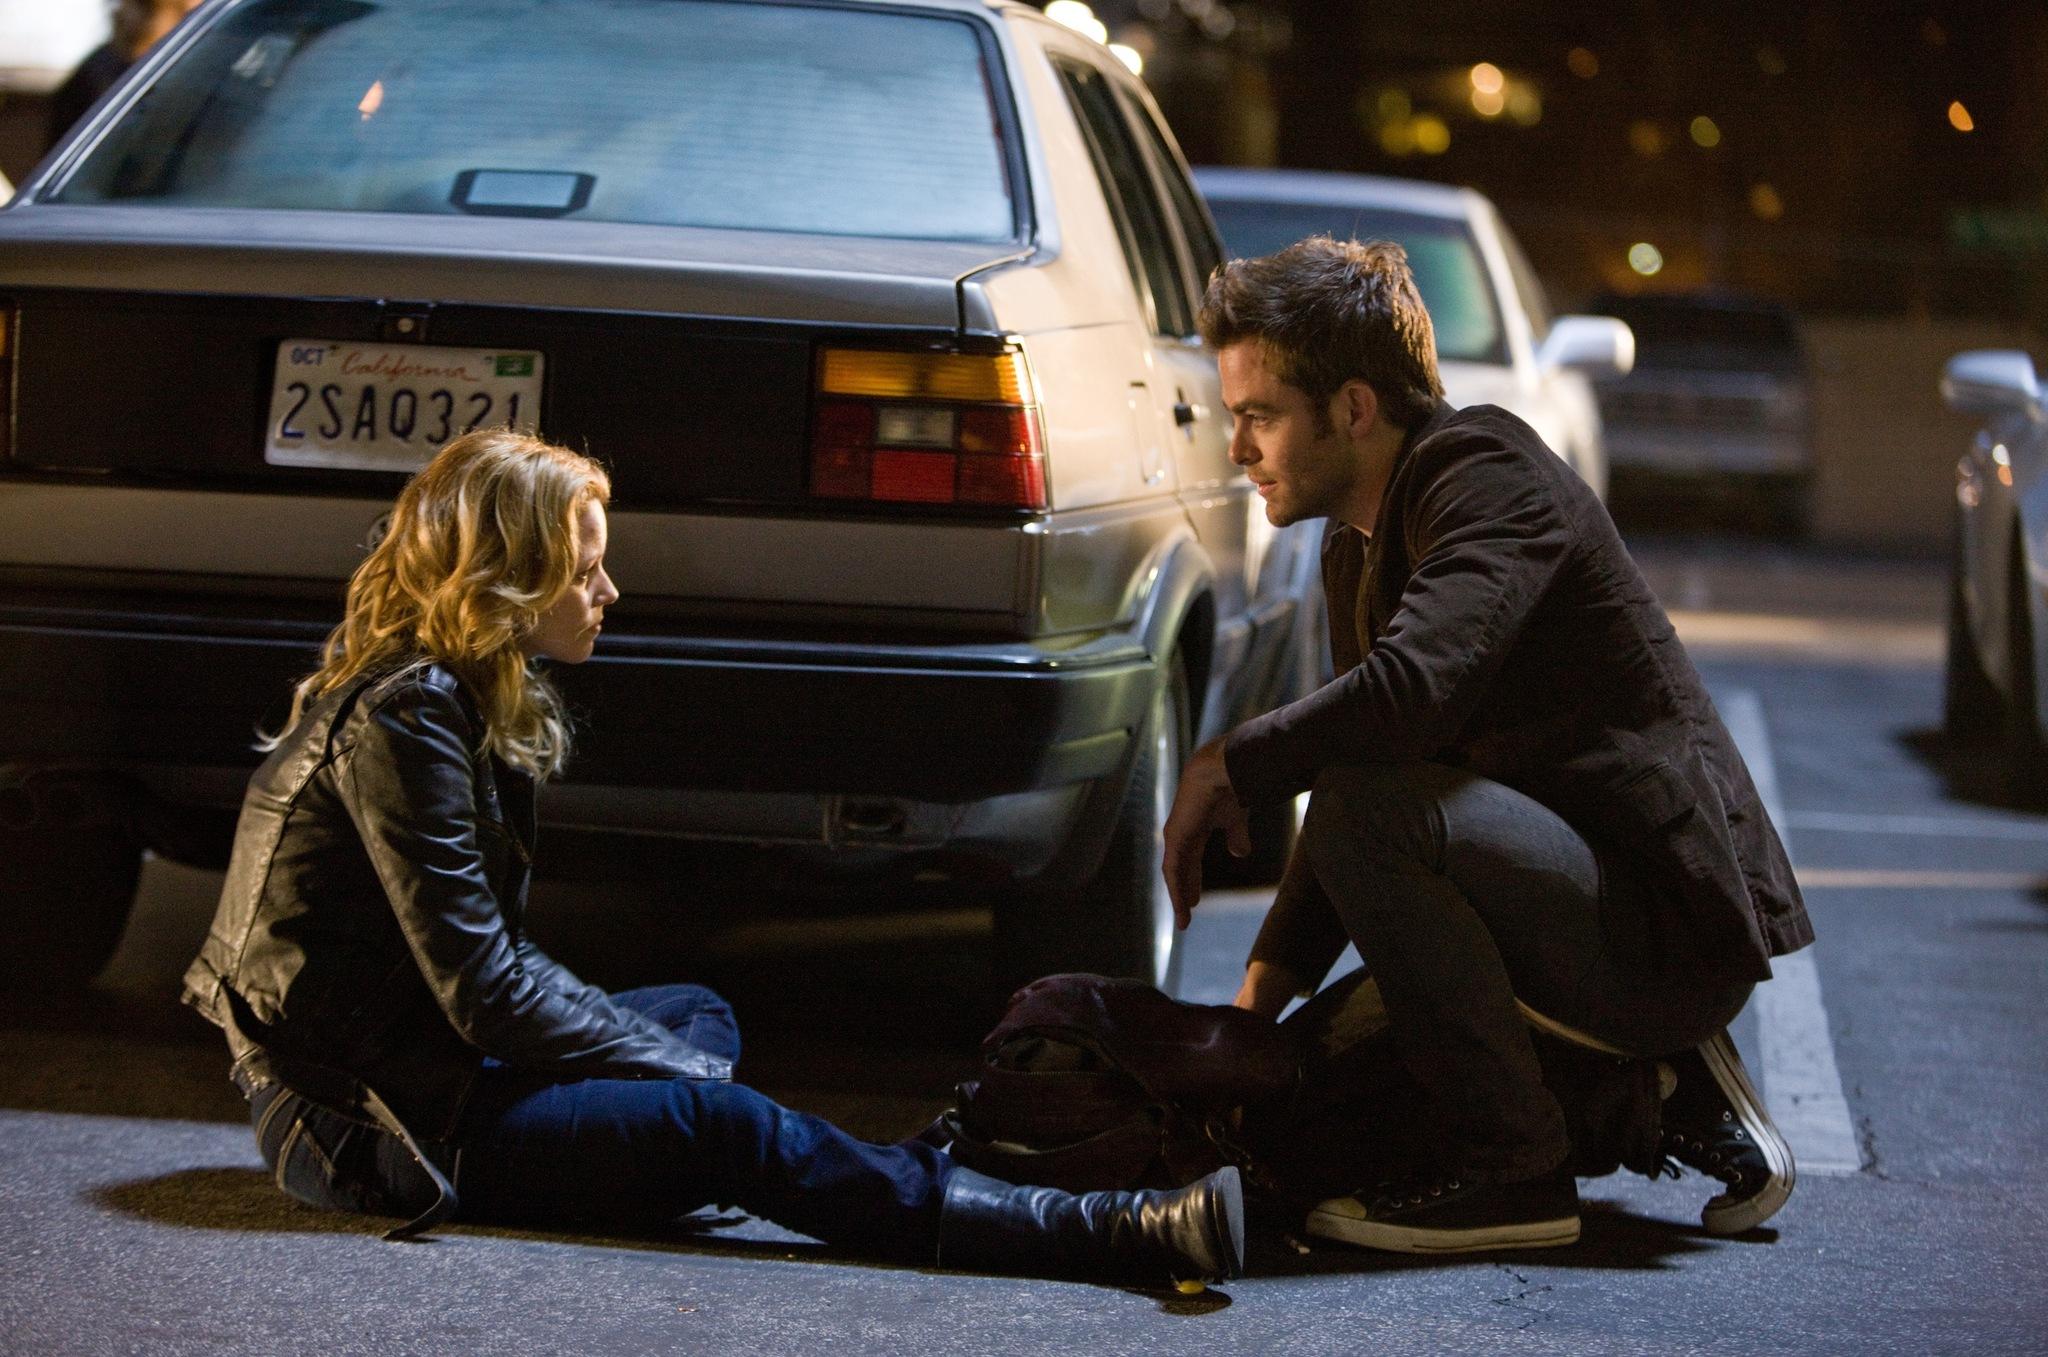 Elizabeth Banks and Chris Pine in People Like Us (2012)